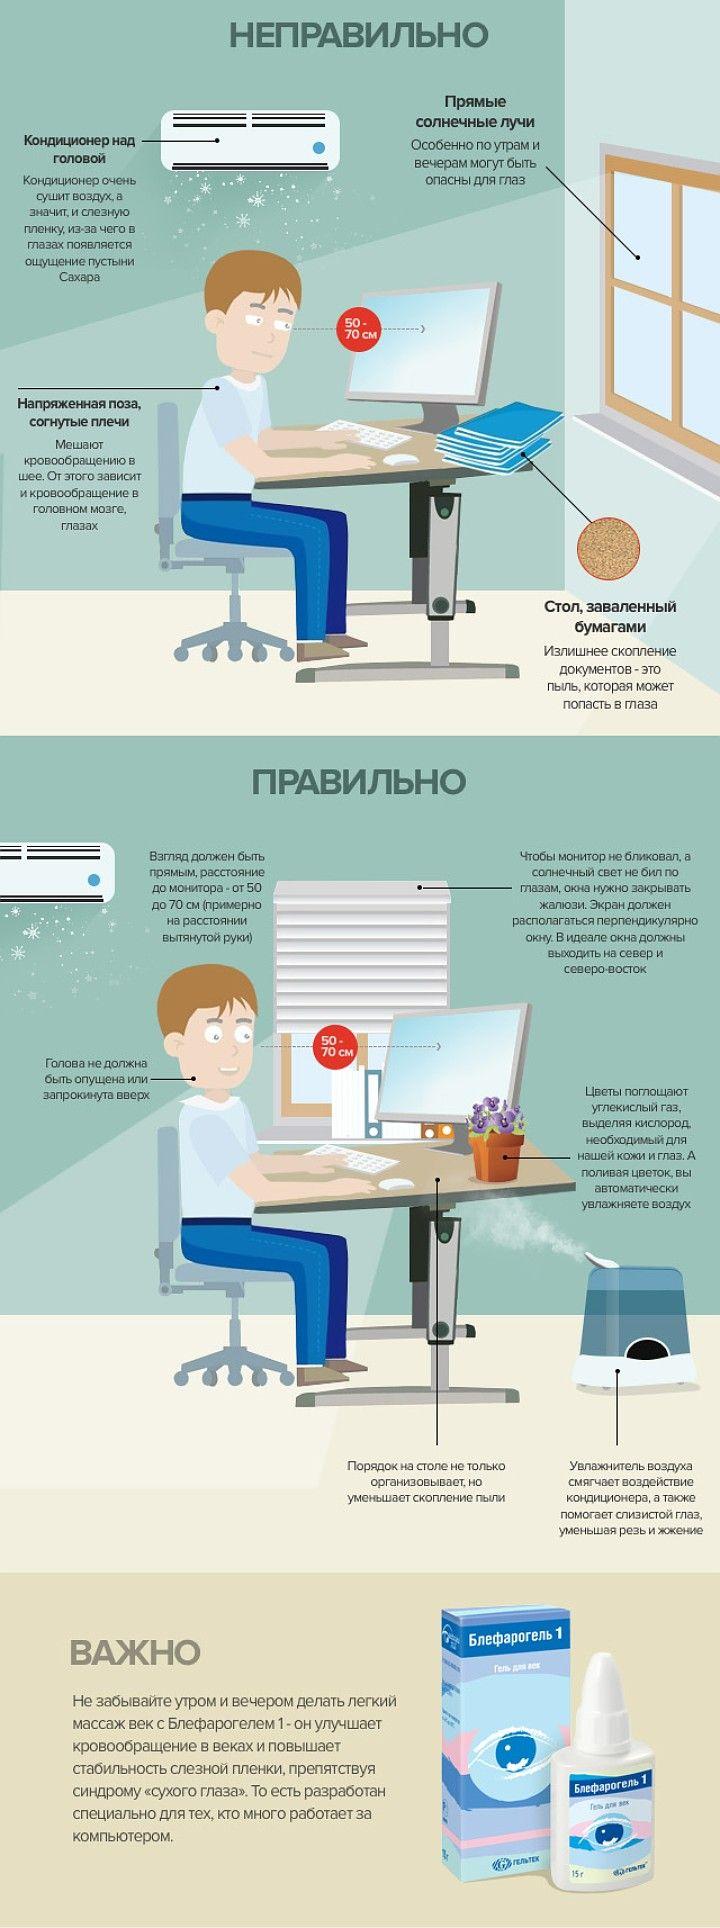 Как оборудовать свое рабочее место в офисе, чтобы наши глаза были благодарны [инфографика]